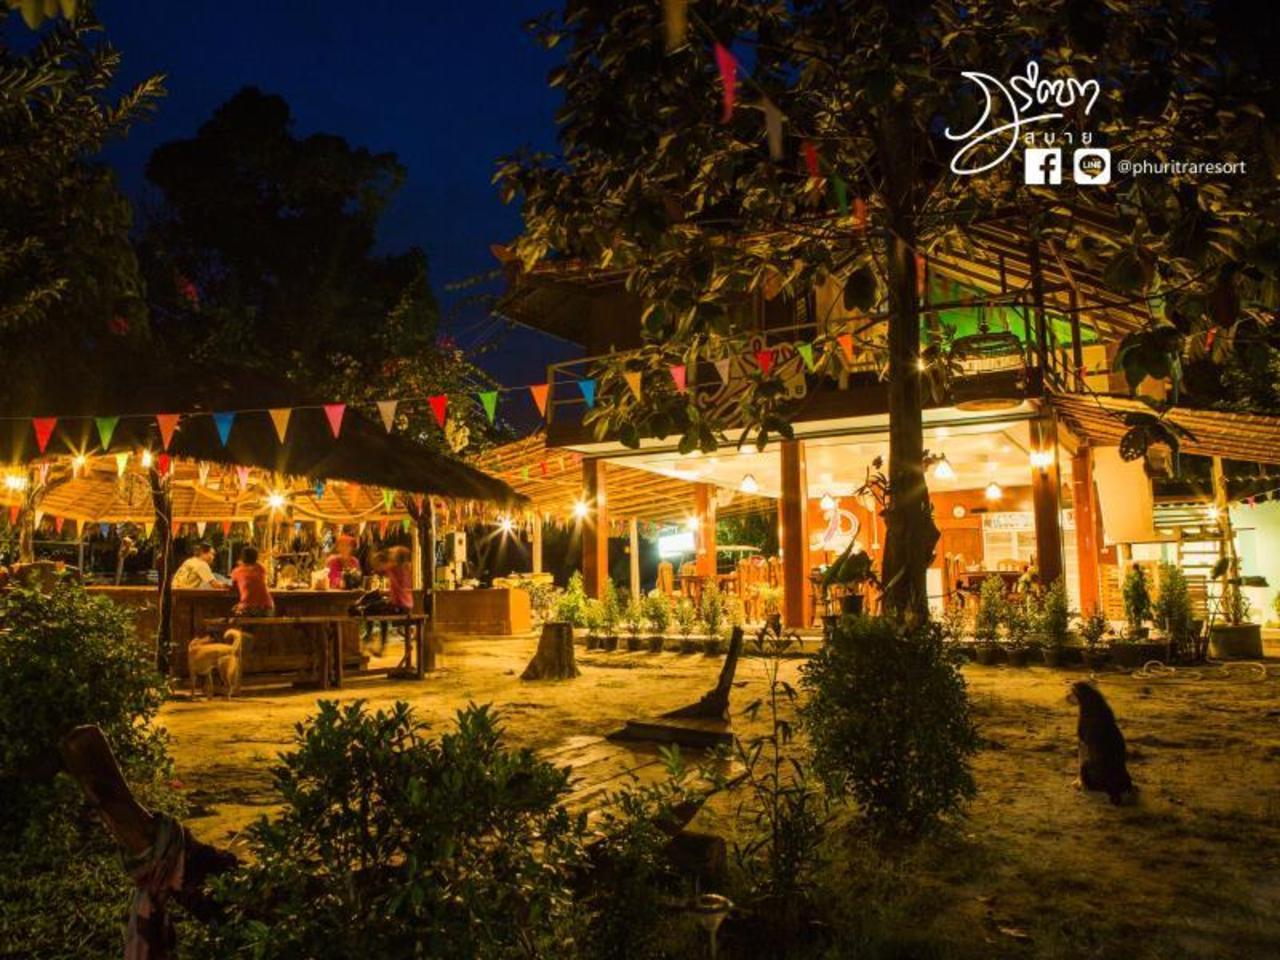 ภูริตา สบาย รีสอร์ต (Phuritra Sabai Resort)